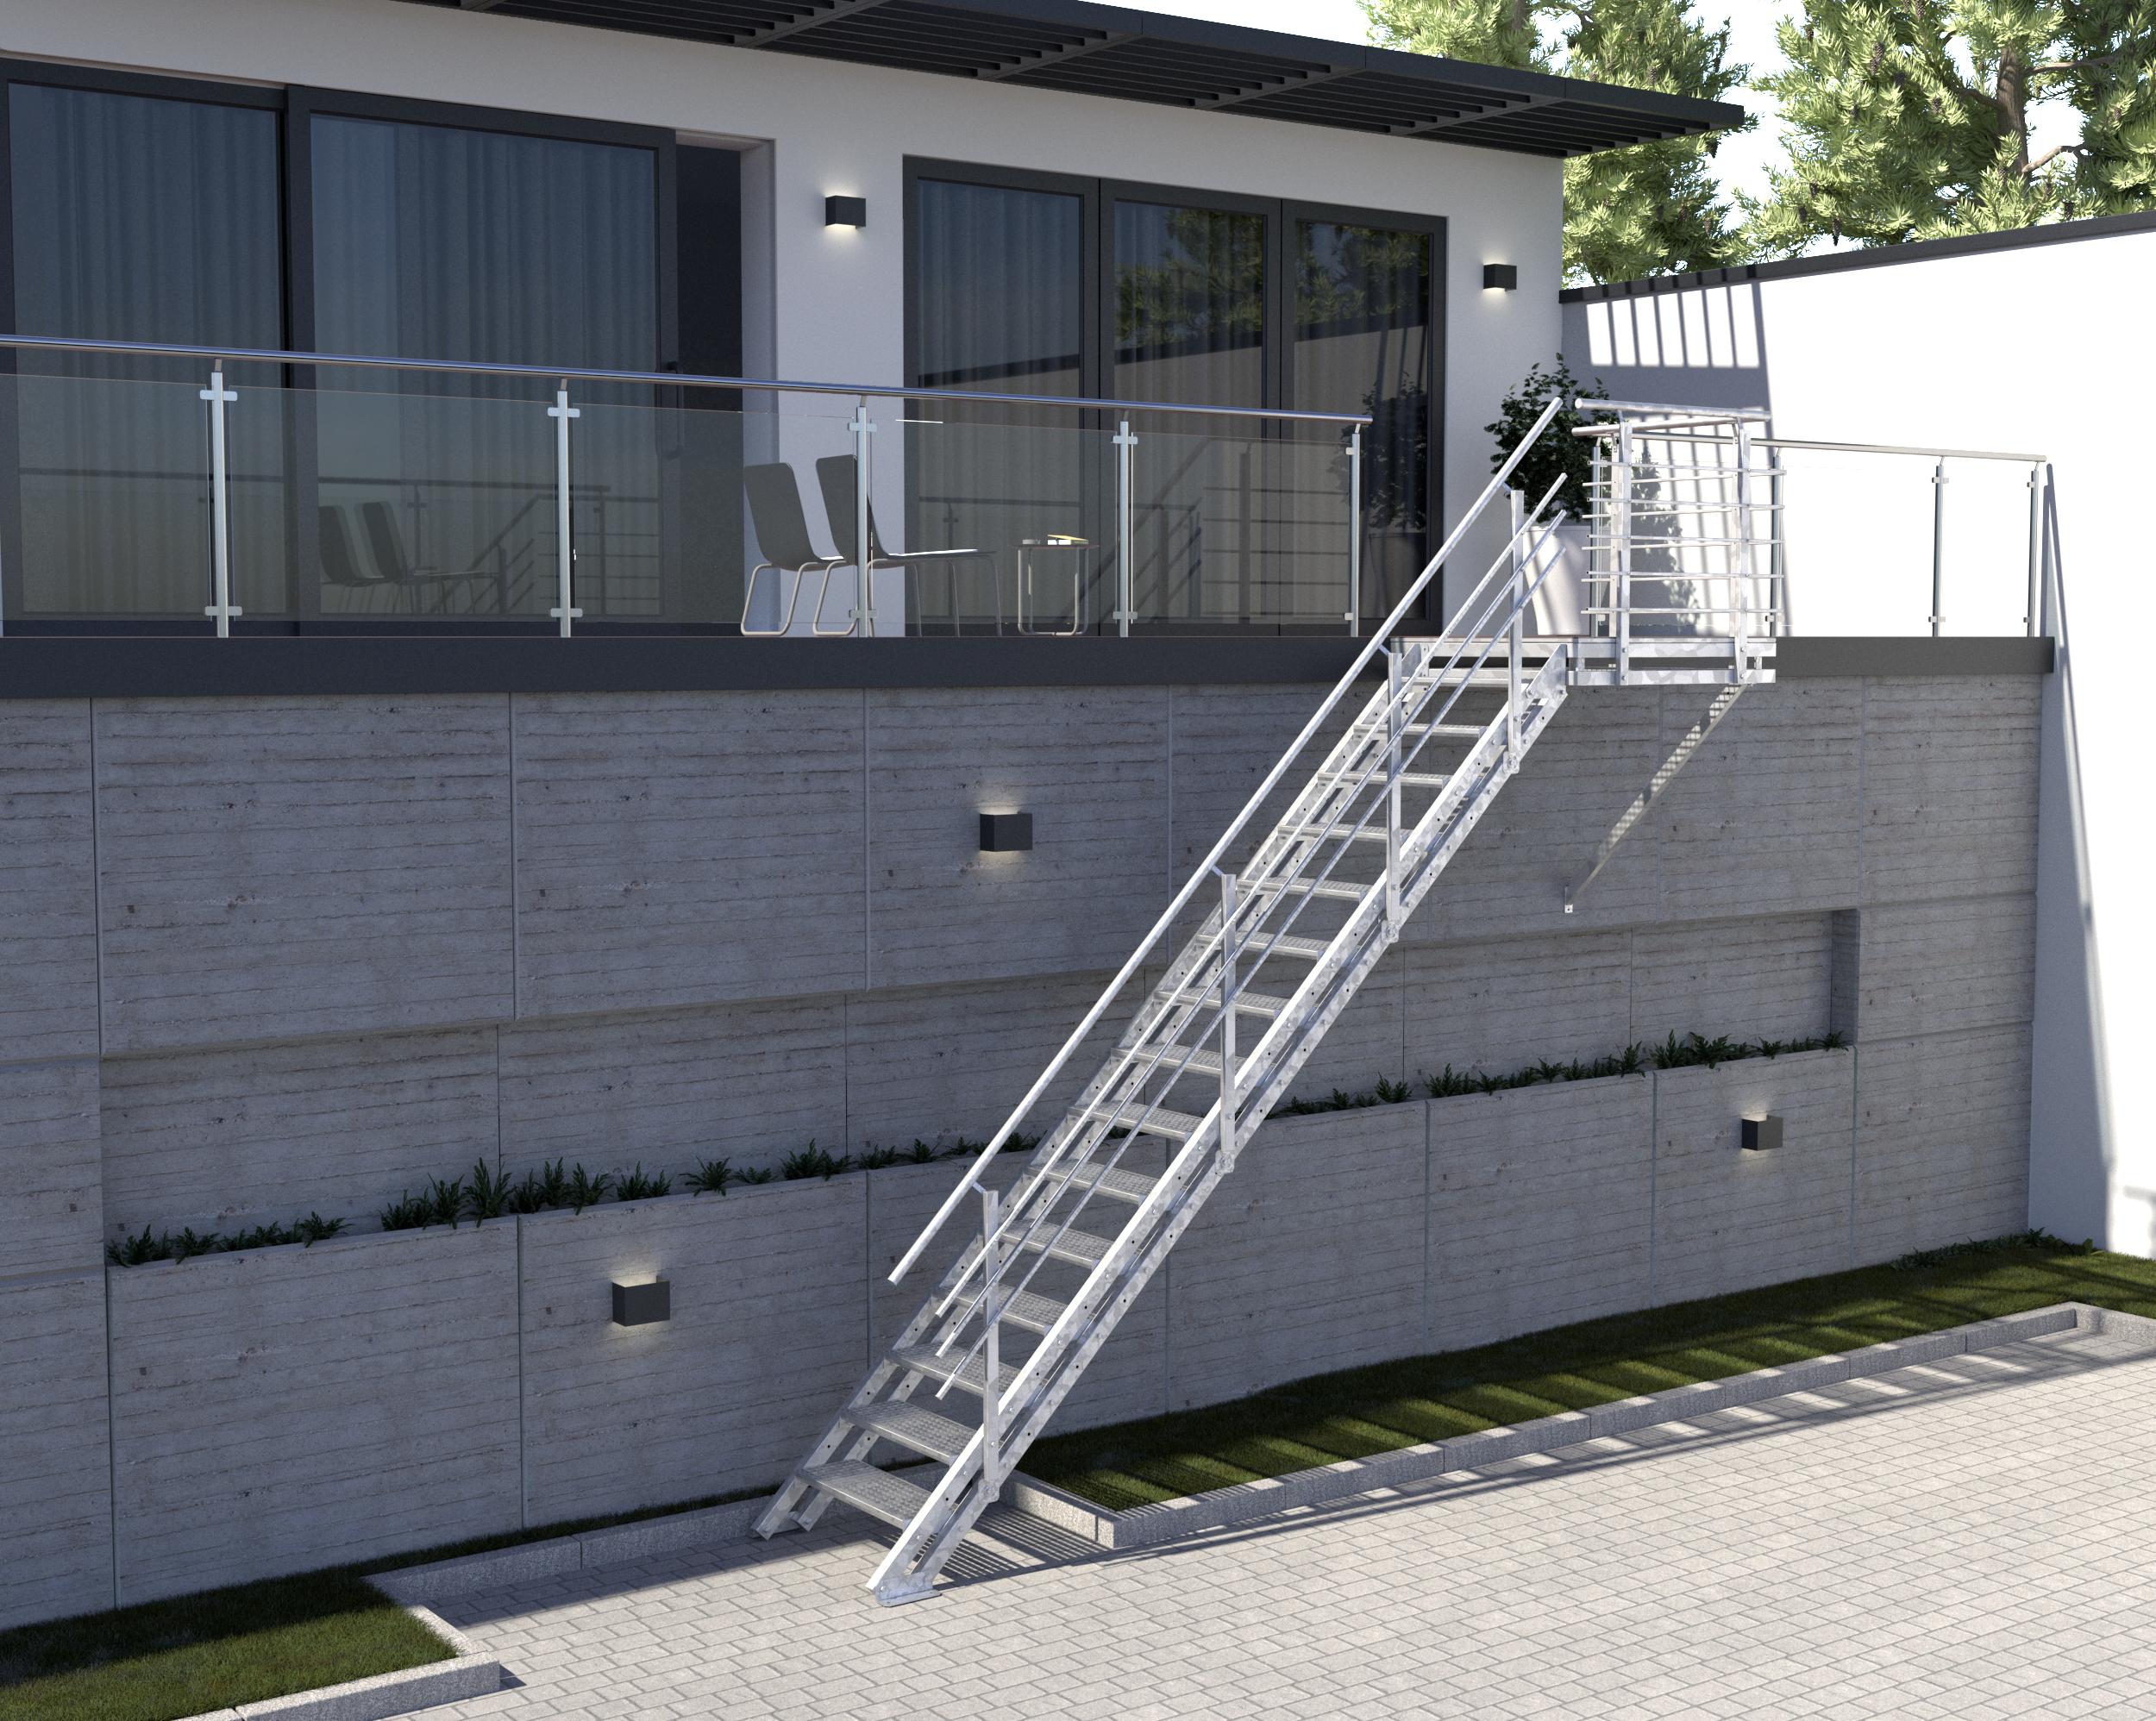 Relativ Aussentreppe Berlin - 14 Stufen, Gitterrost, Podest - Treppen-Werk ES58